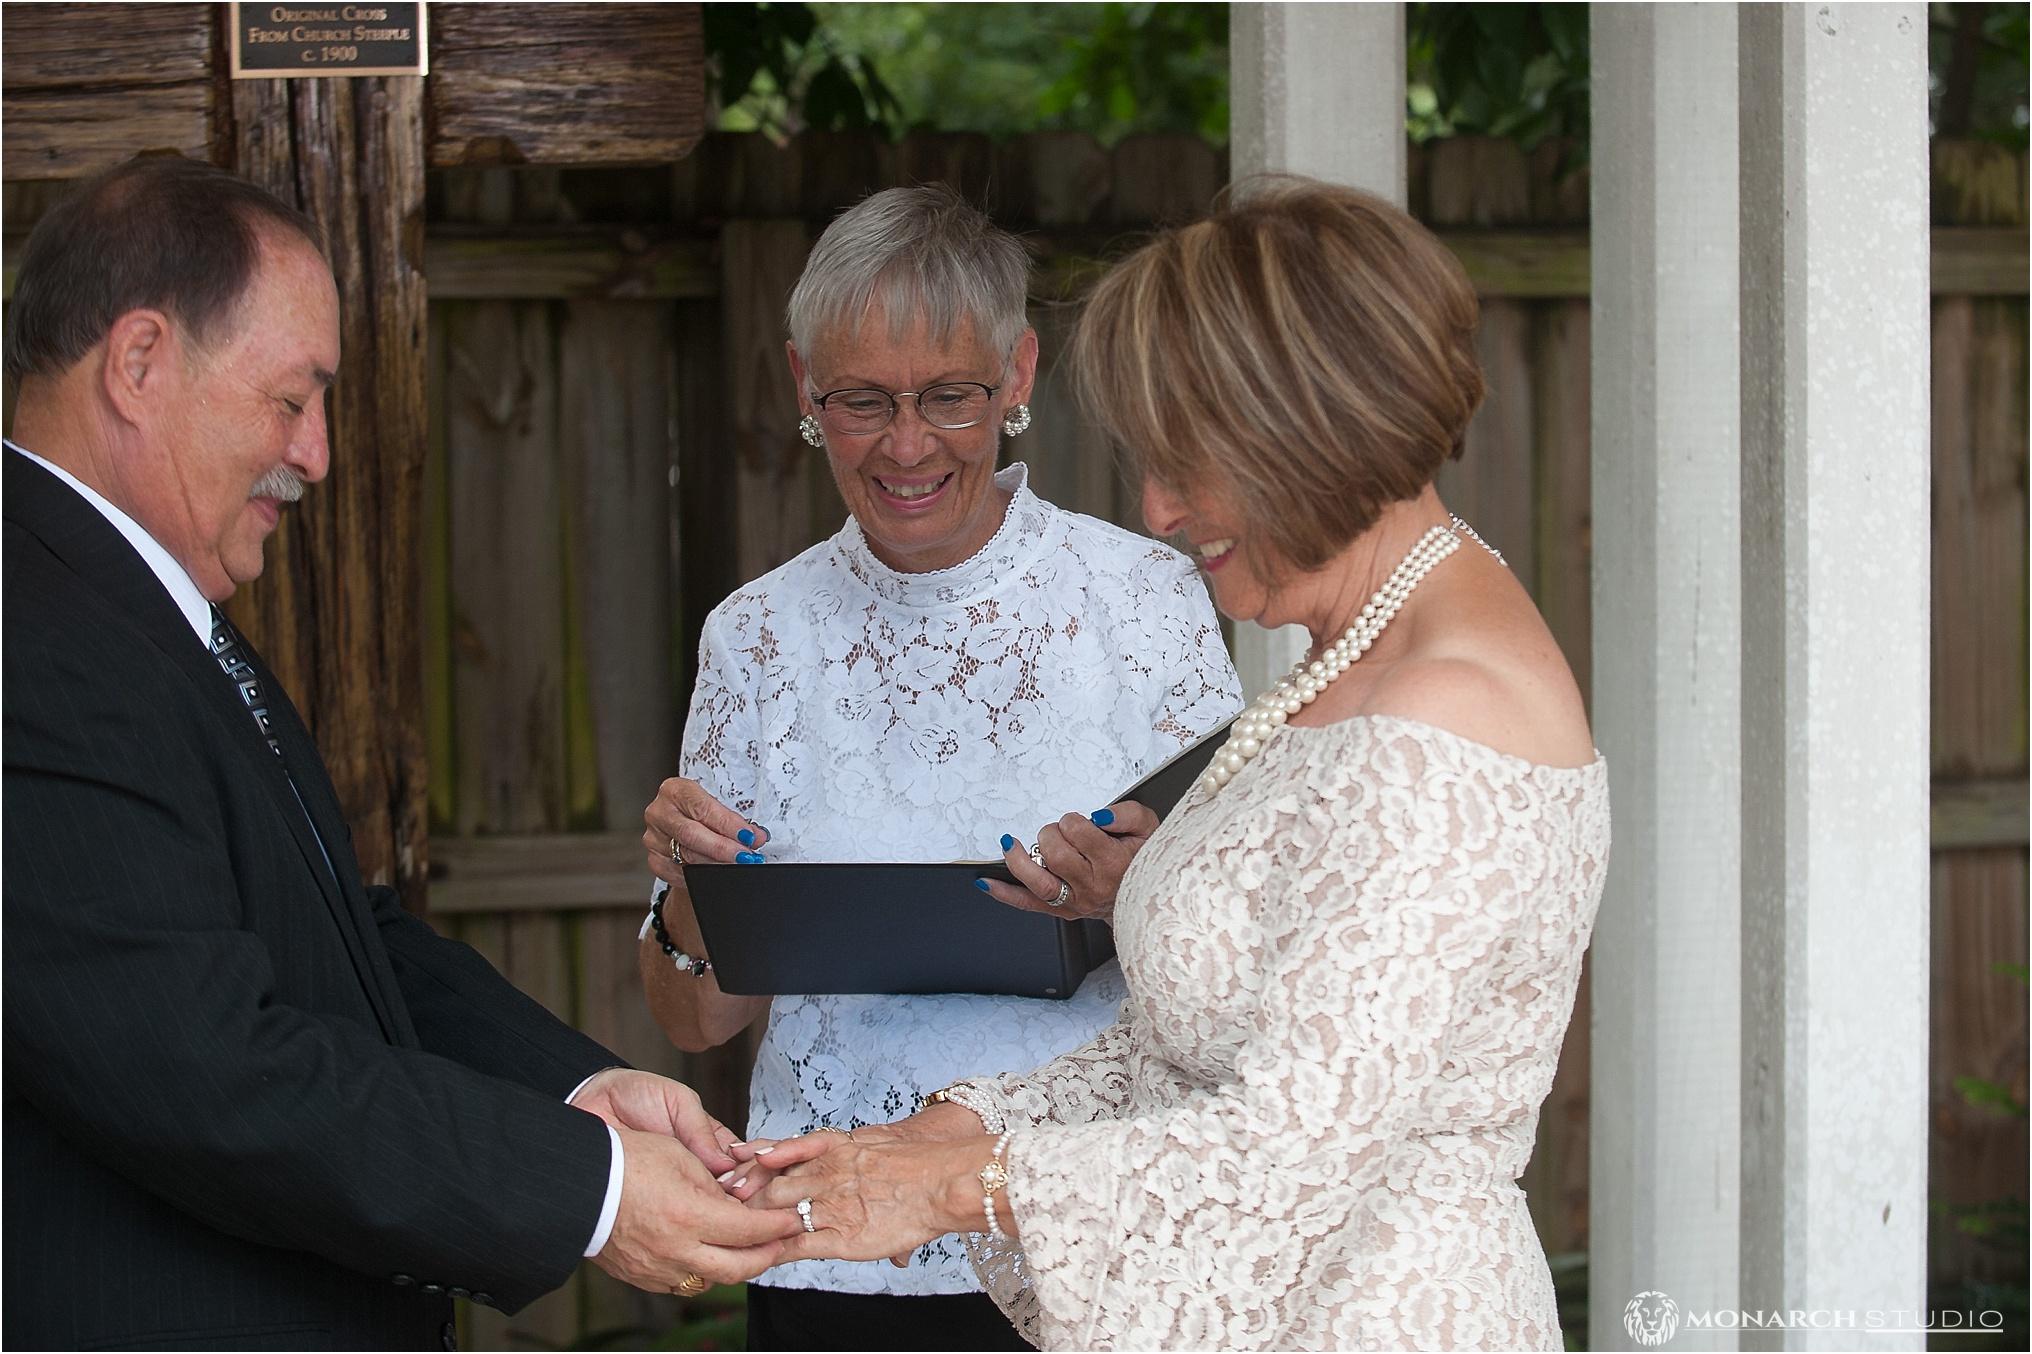 st-augustine-elopement-wedding-photographer- (5).jpg